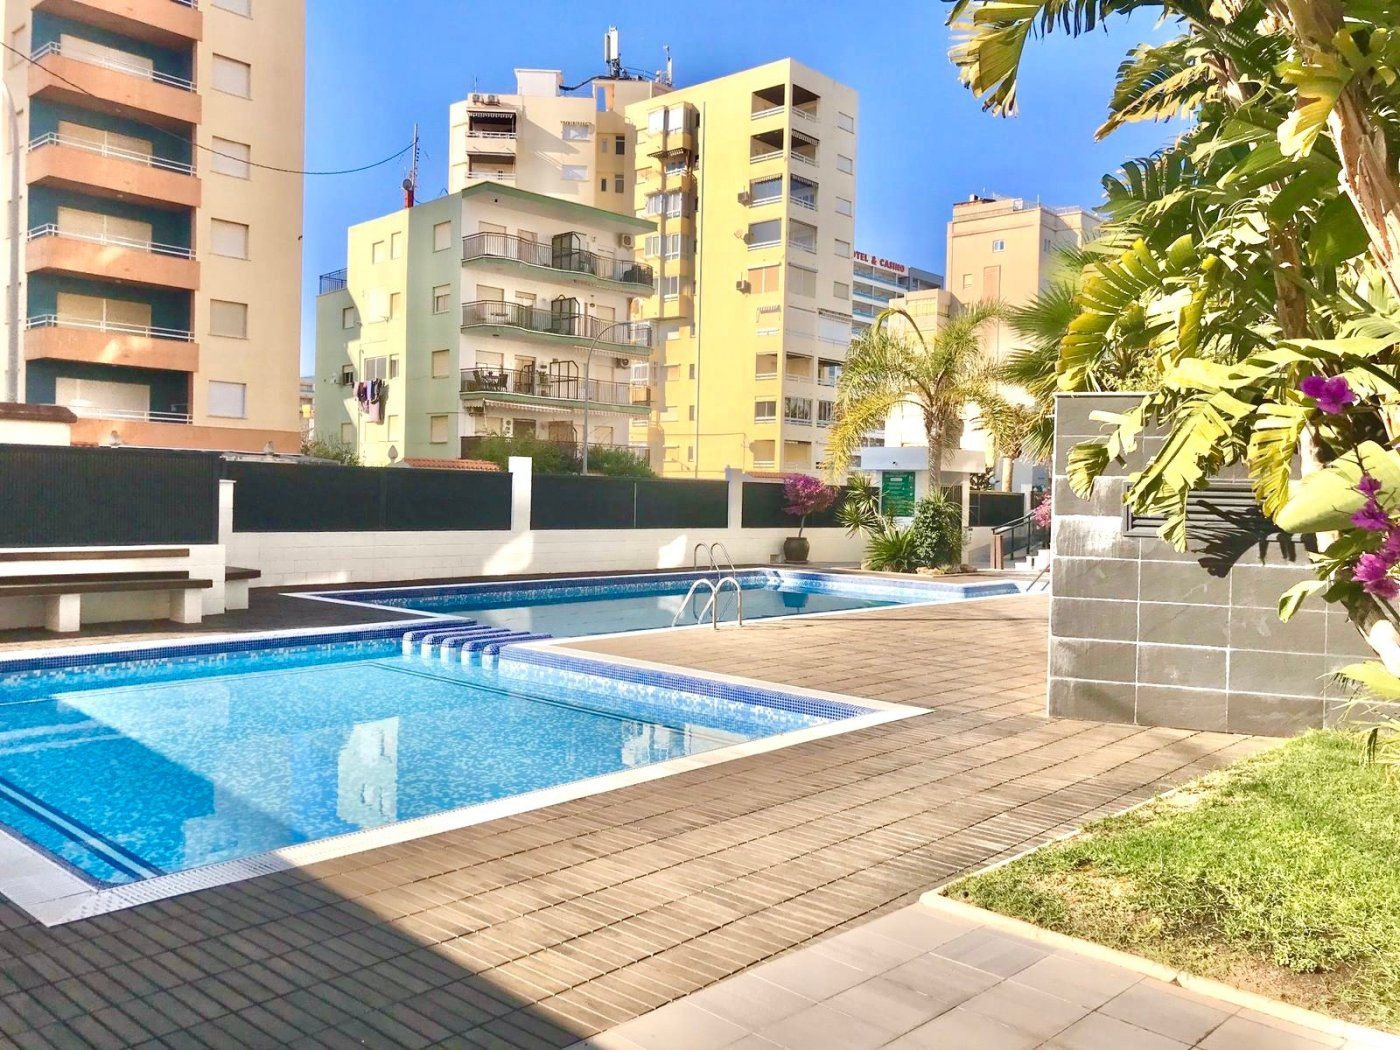 Apartamento en playa de gandia con piscina comunitaria y garaje incluido - imagenInmueble9